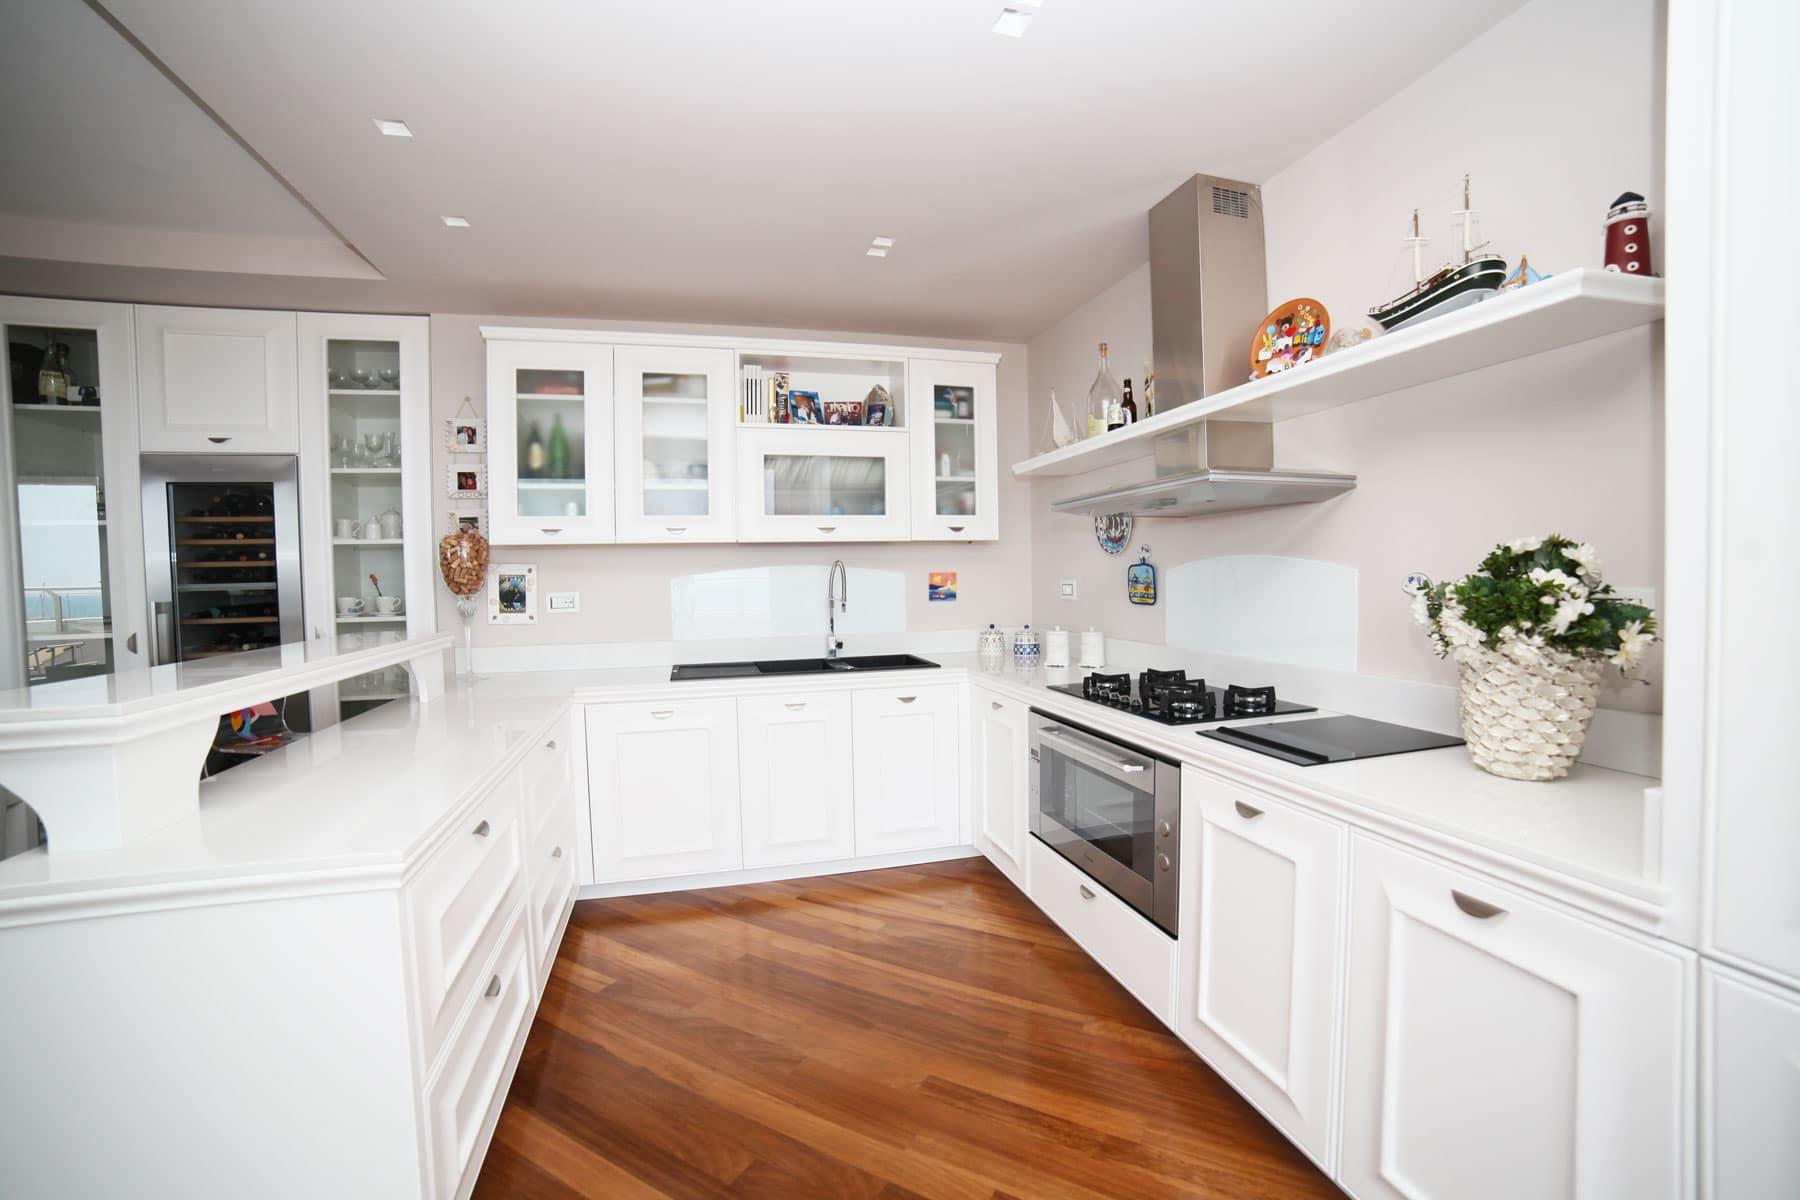 Cucina con piani in okite falegnameria caponi - Piani cucina okite ...